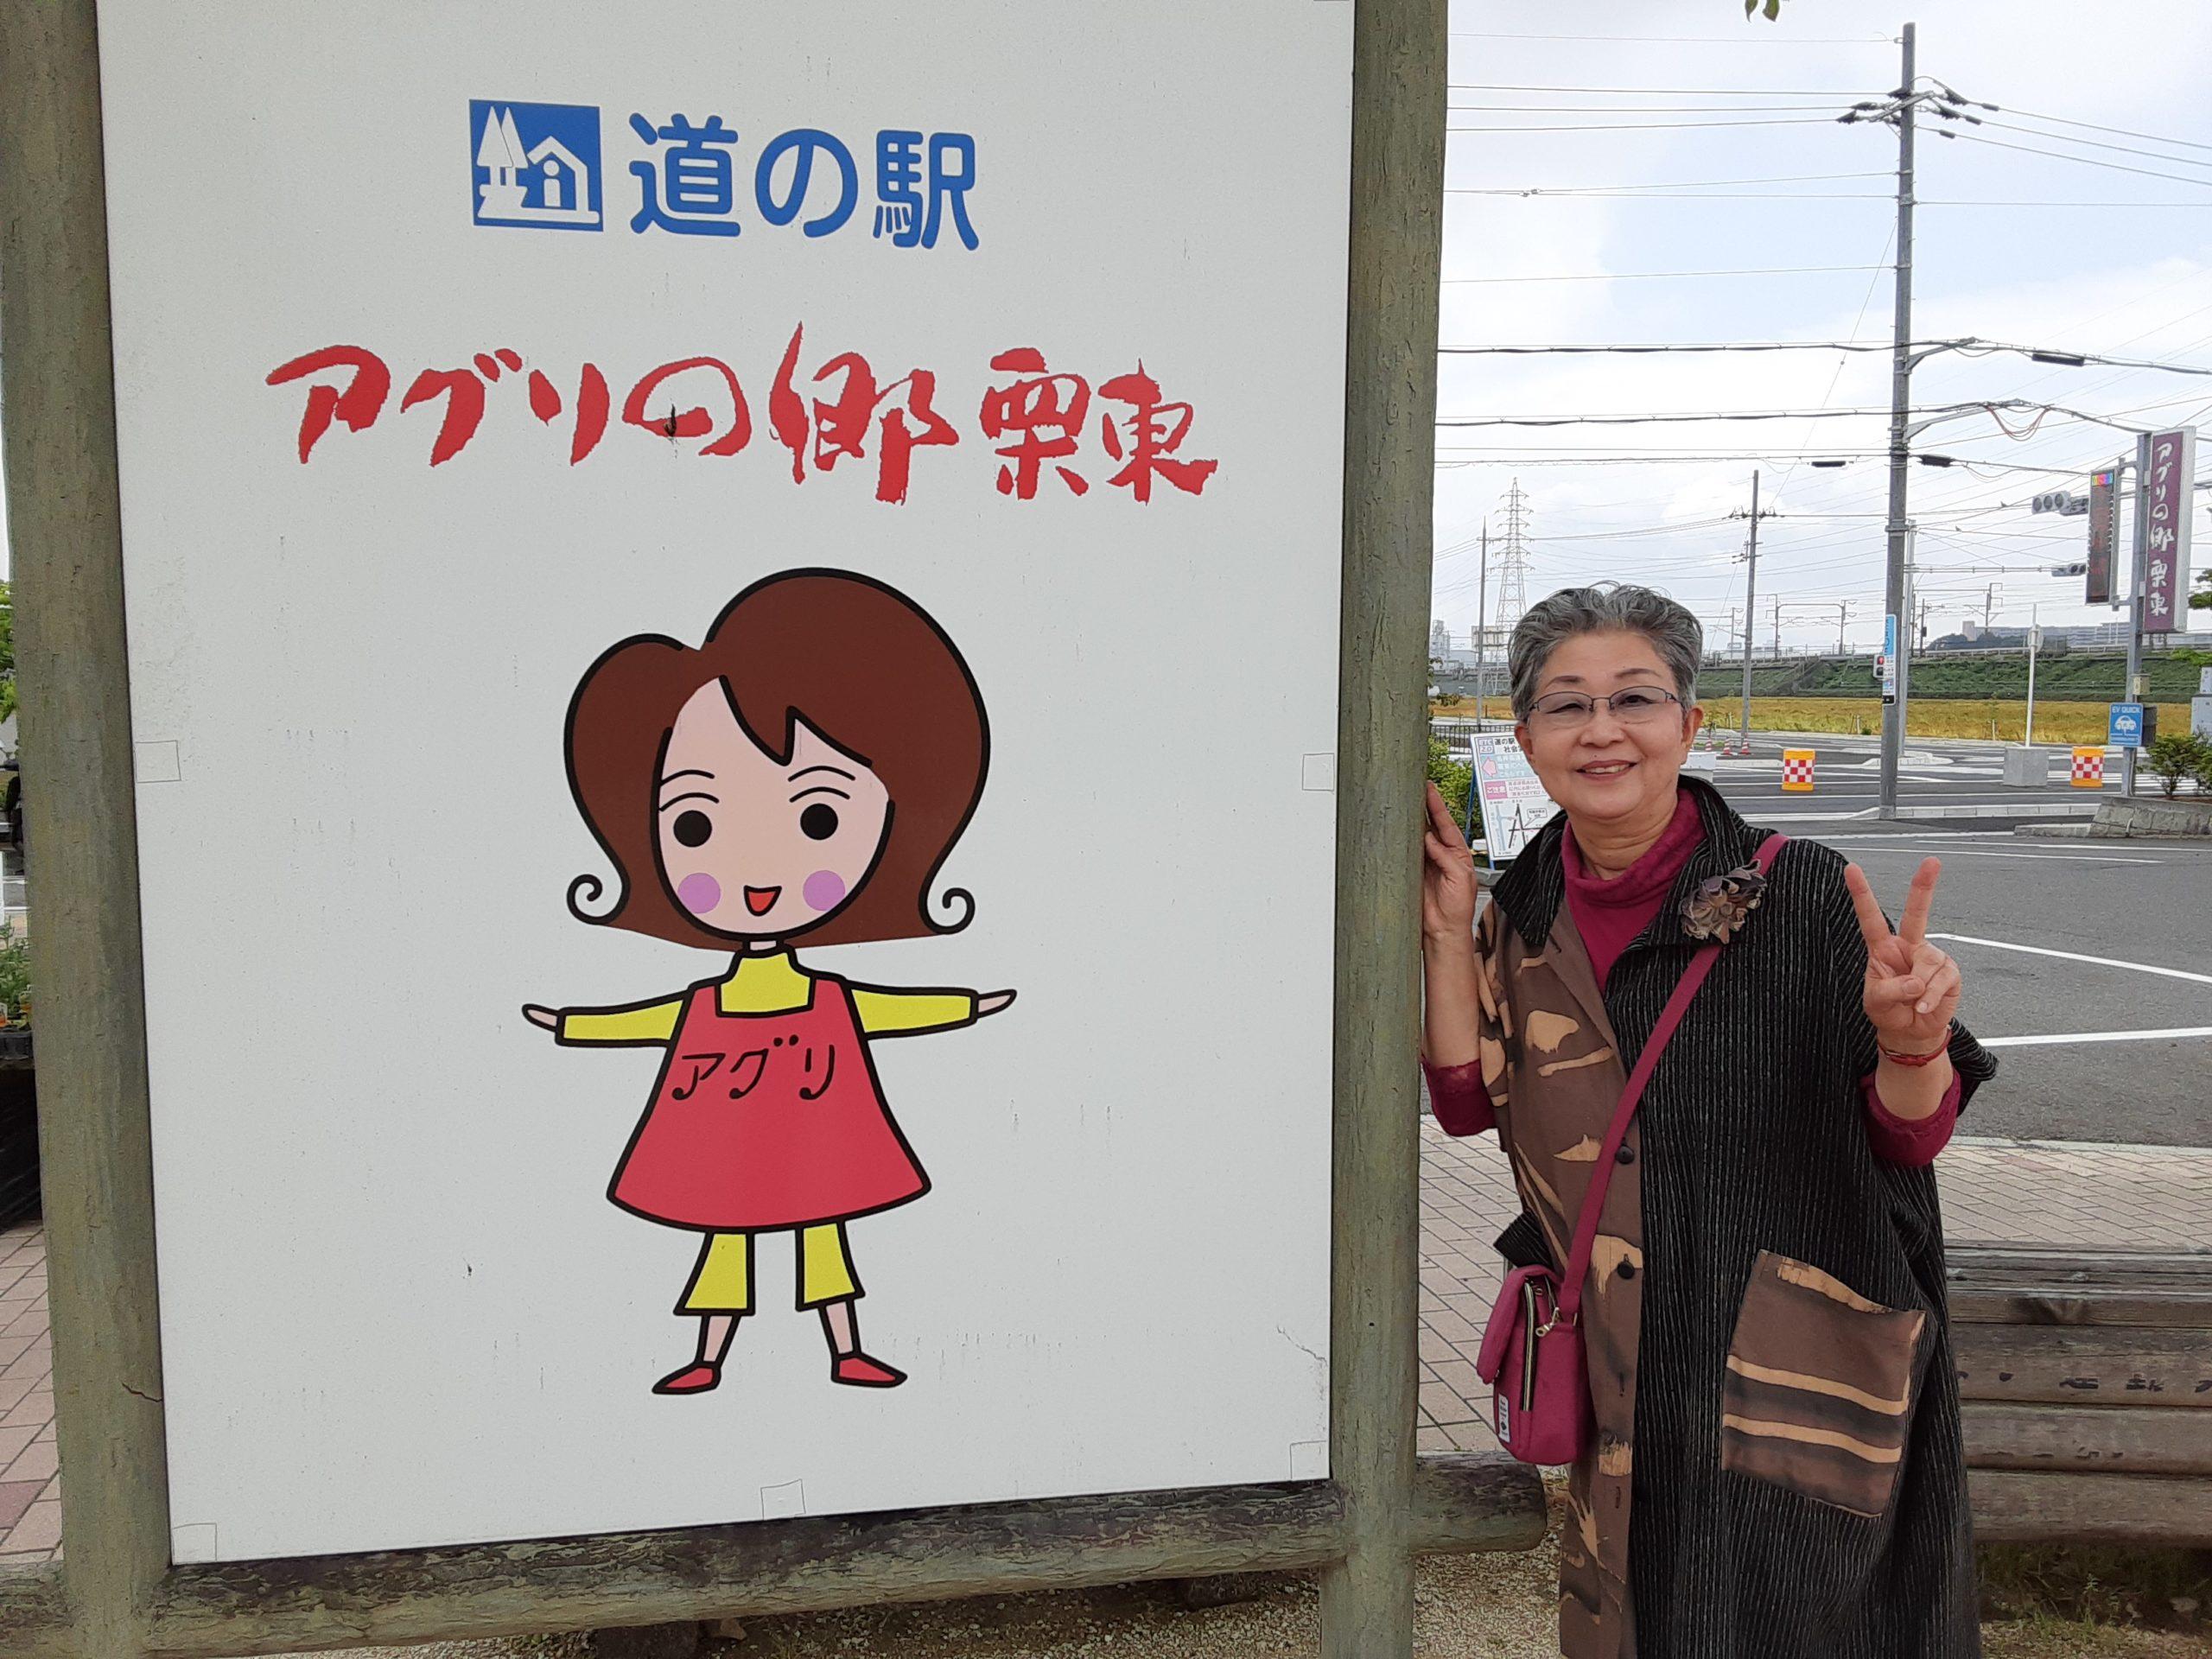 『おいしい生活』を求めて「道の駅」(滋賀県)巡りをしました🎶